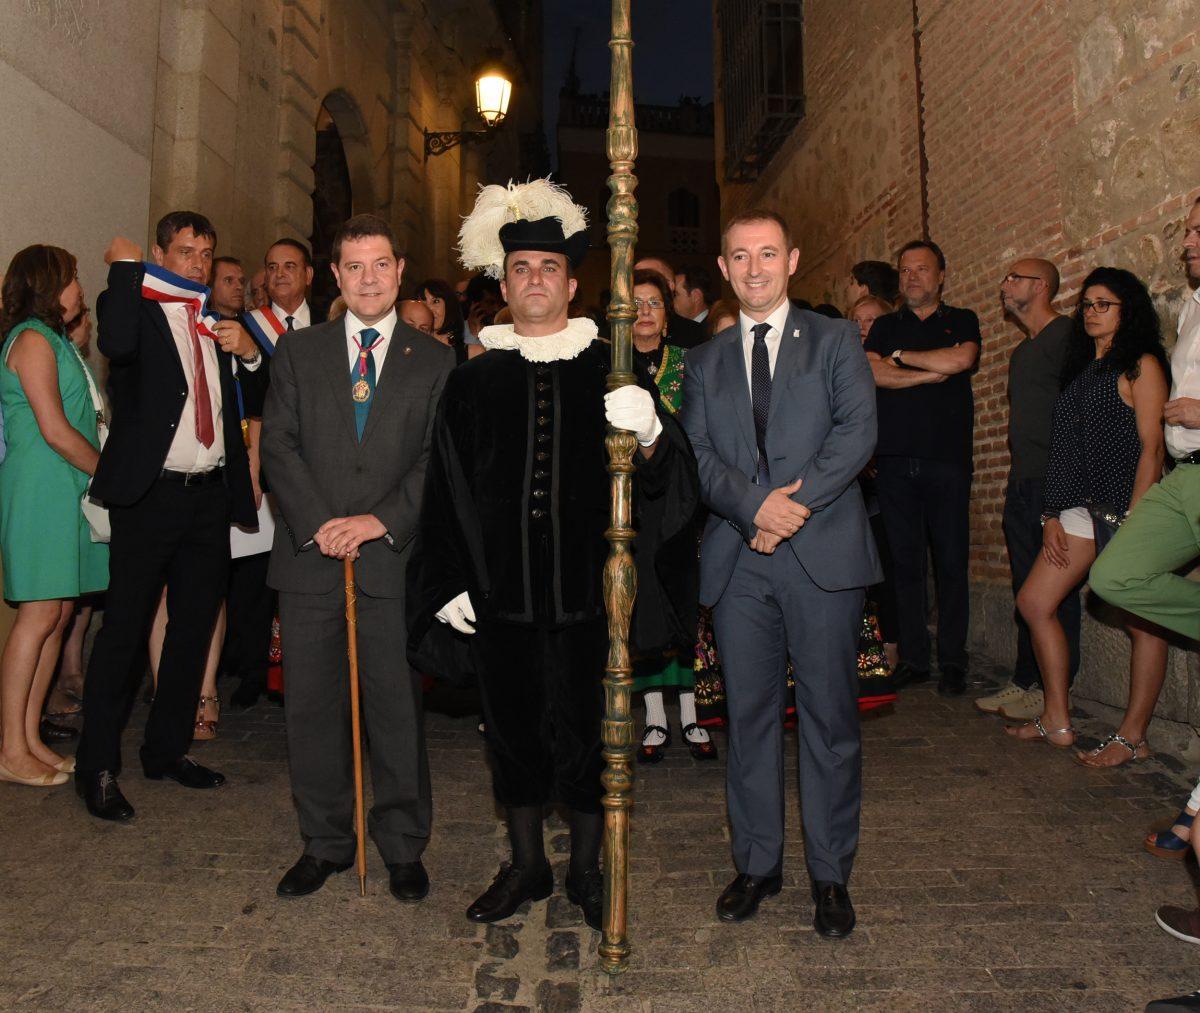 El alcalde acompañó al pertiguero en la tradicional inauguración de la Carrera Procesional del Corpus Christi